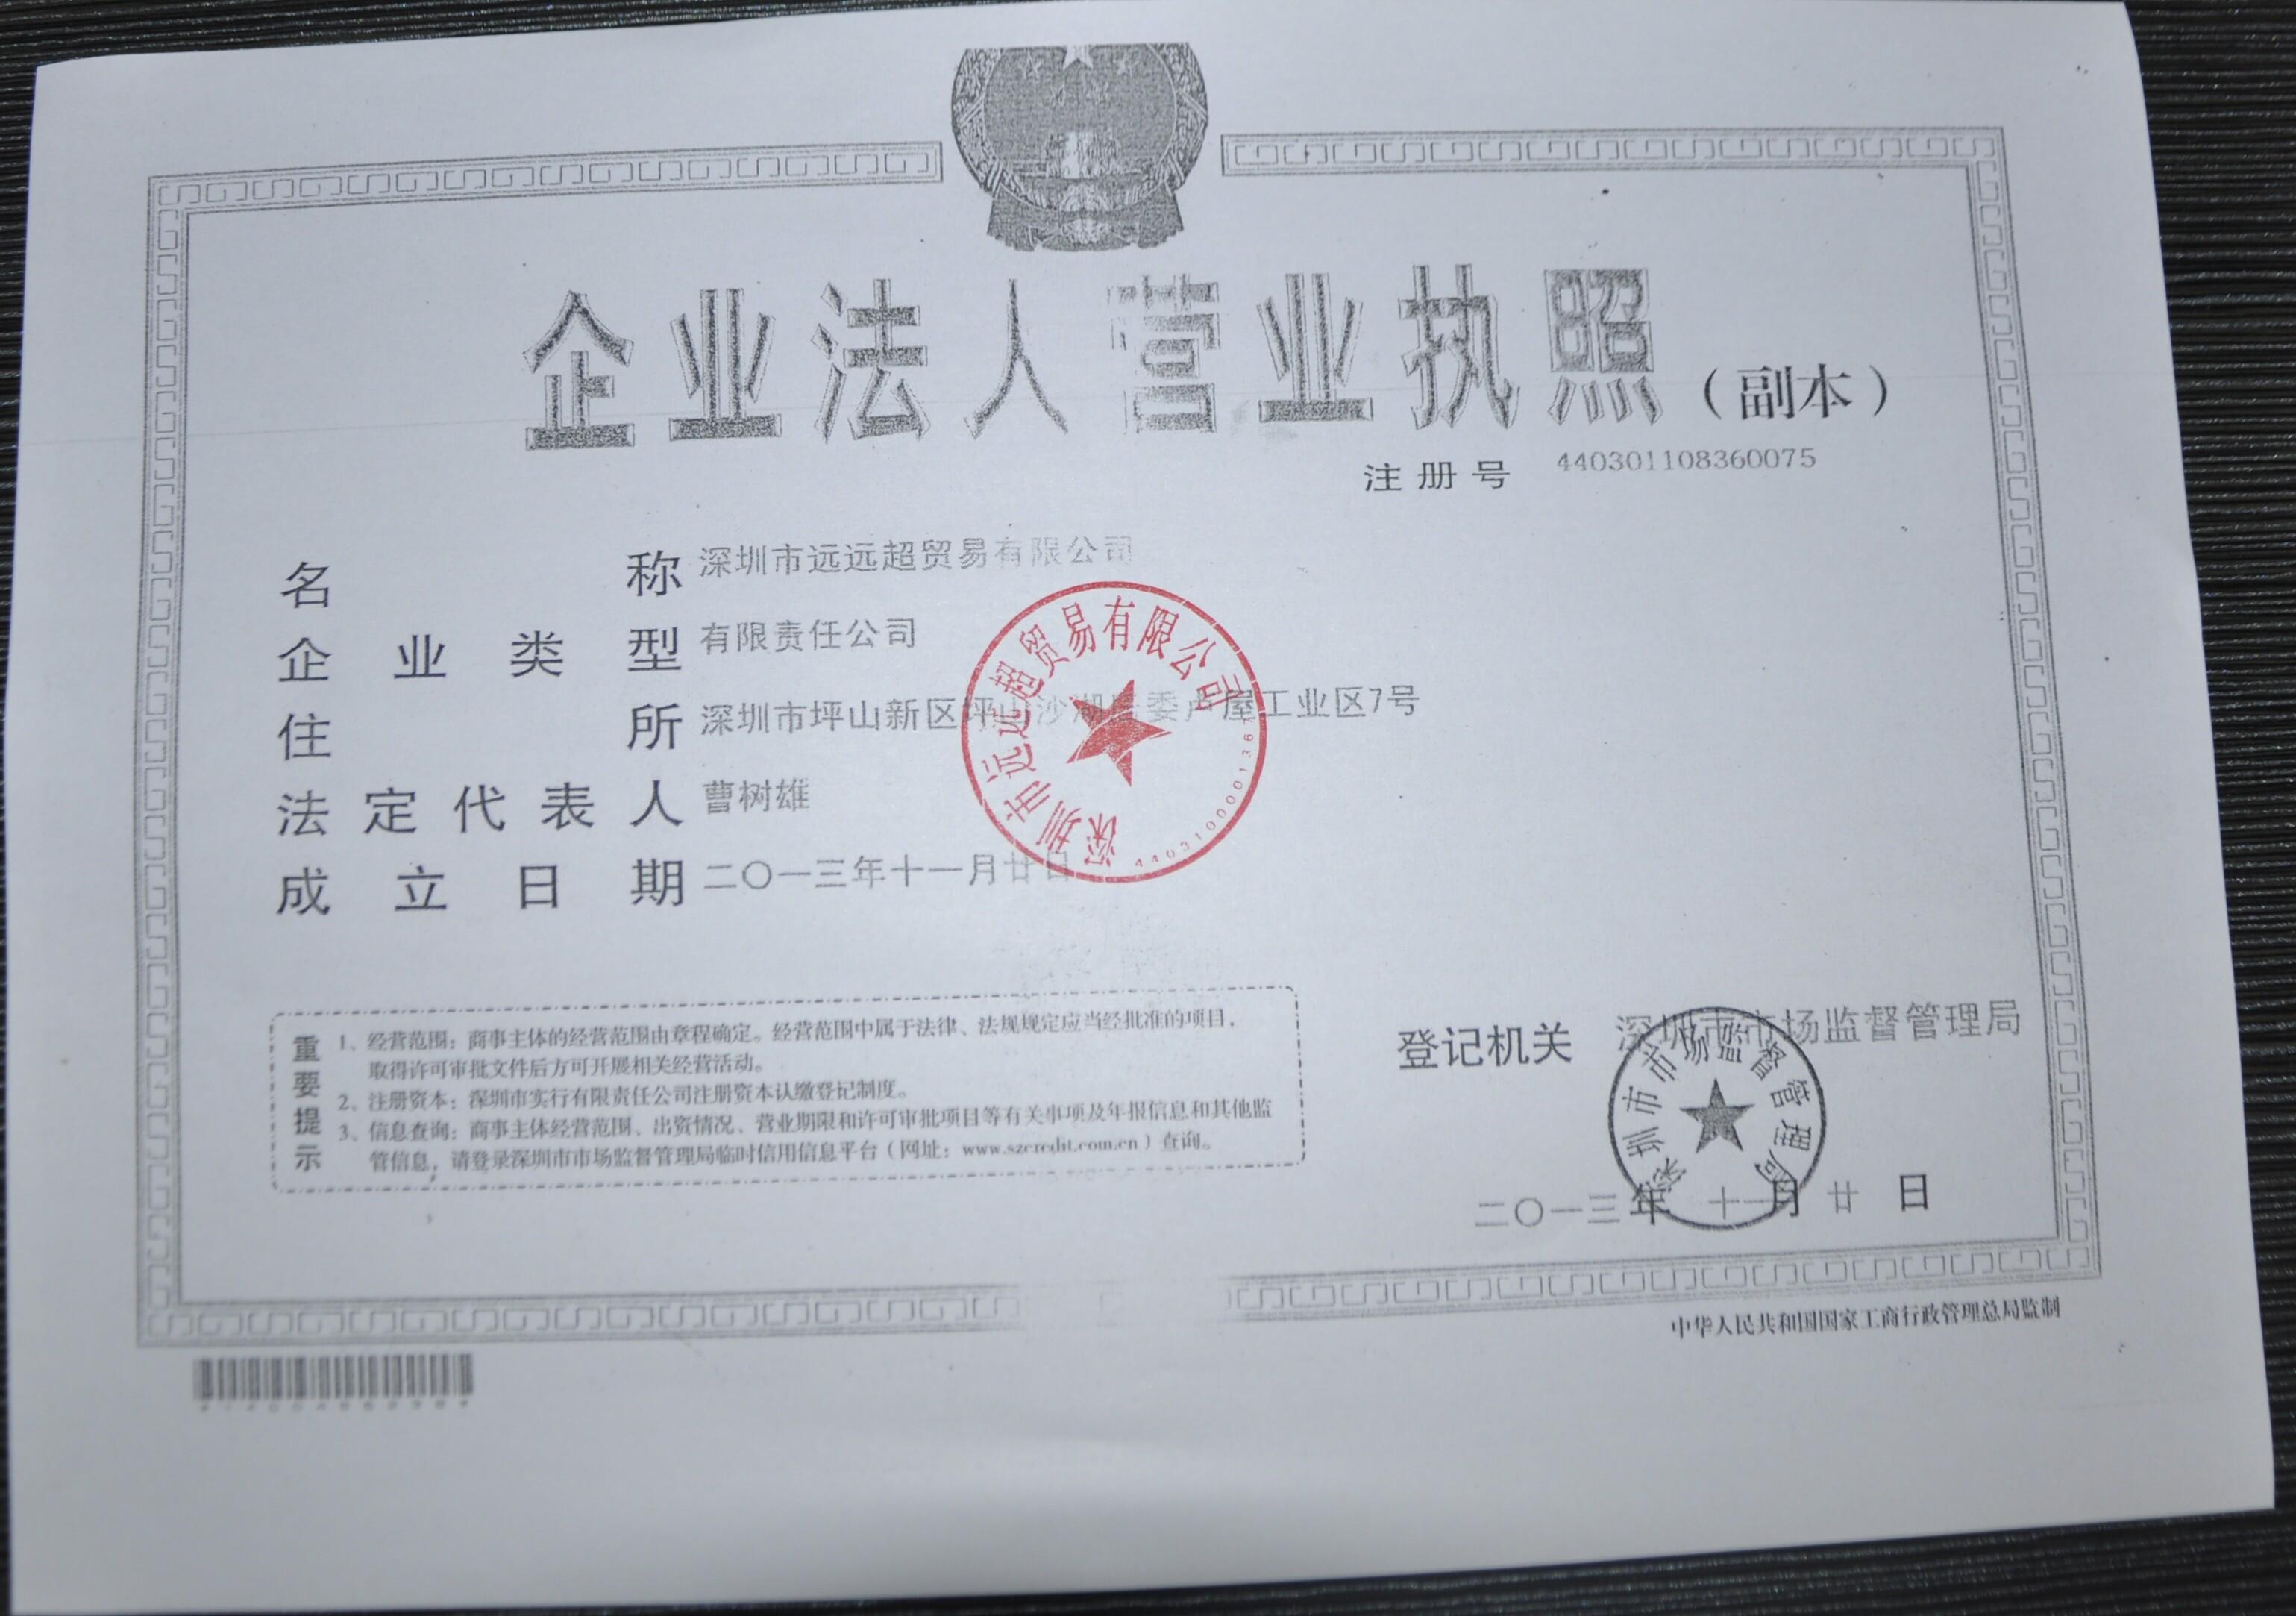 深圳远超家居有限公司